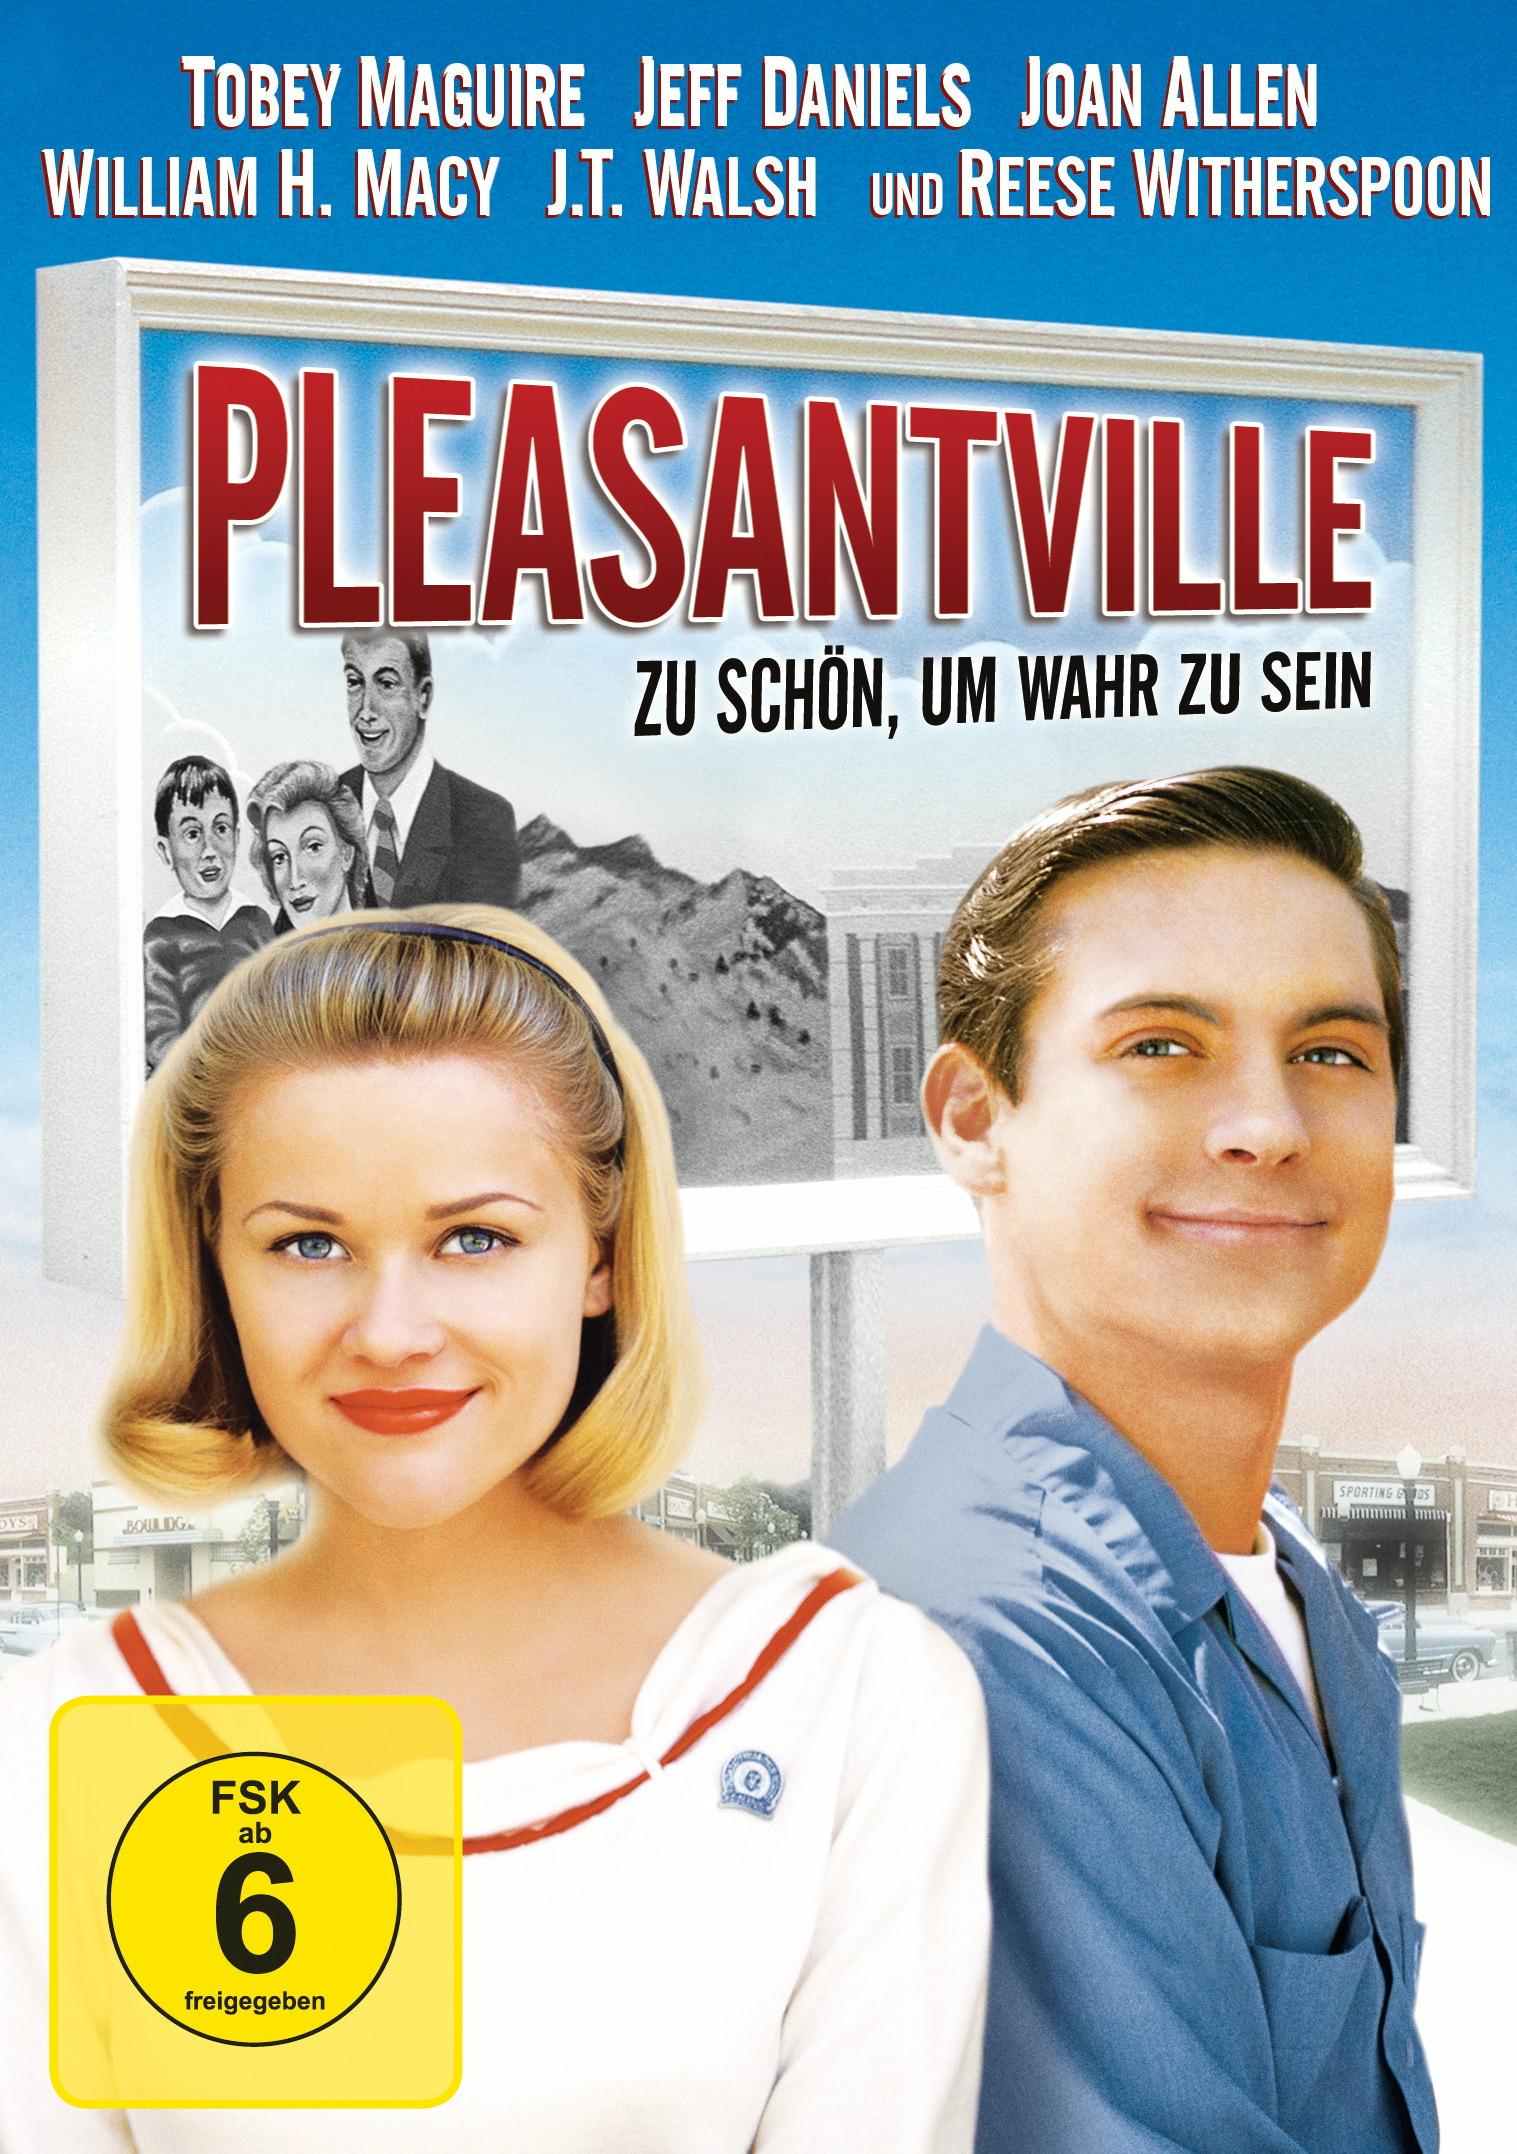 Pleasantville - Zu schön, um wahr zu sein Poster